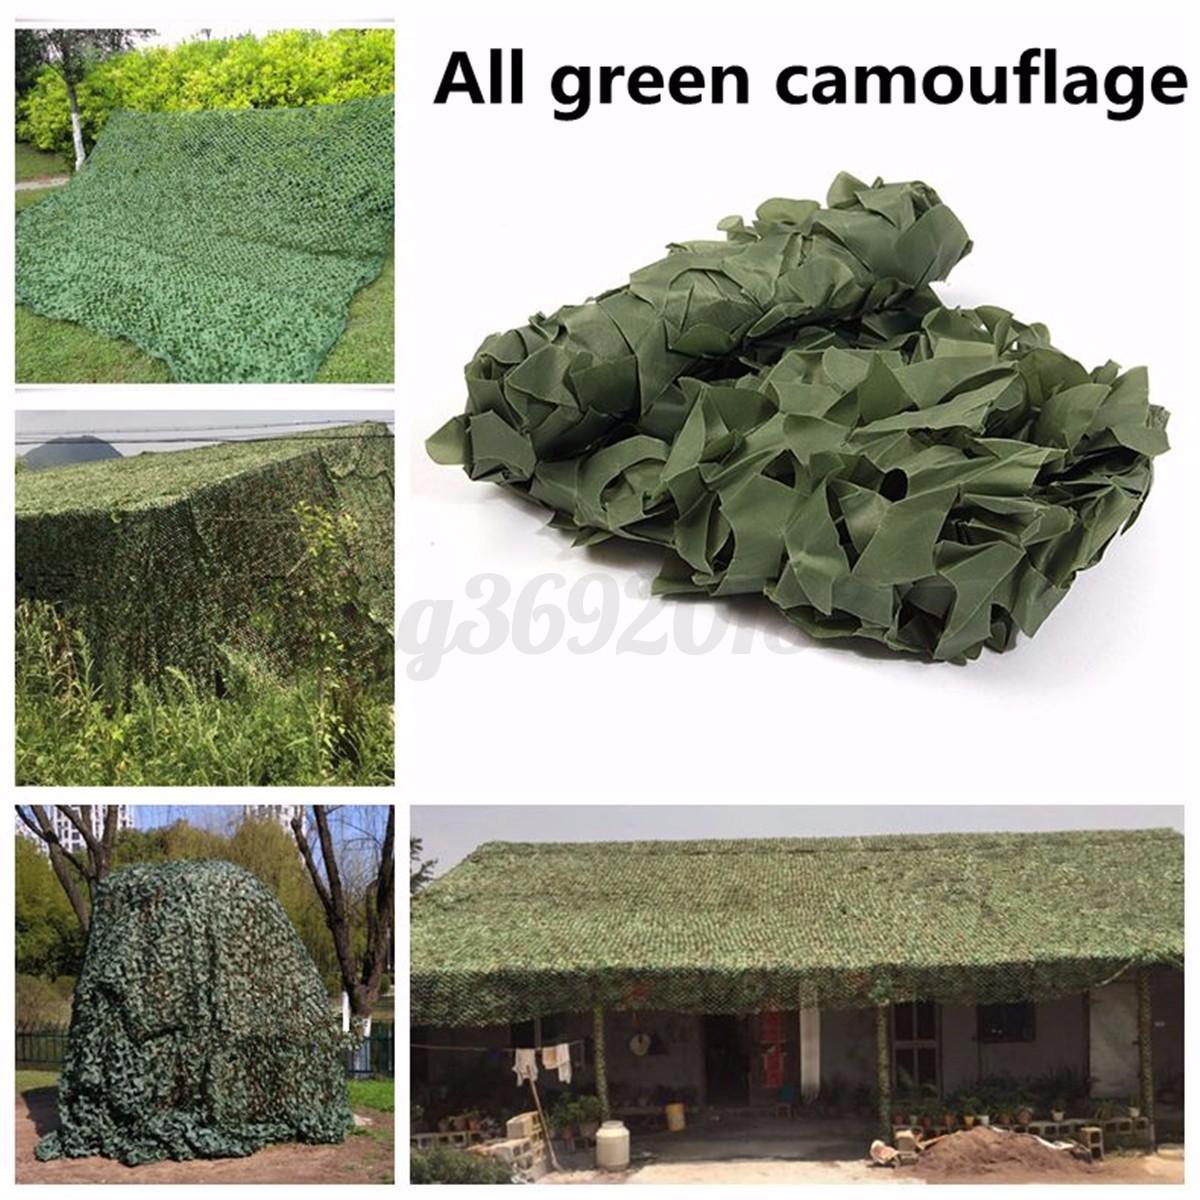 Tarnnetz 4 x 2m Camouflage Net Sichtschutz Sonnenschutz für